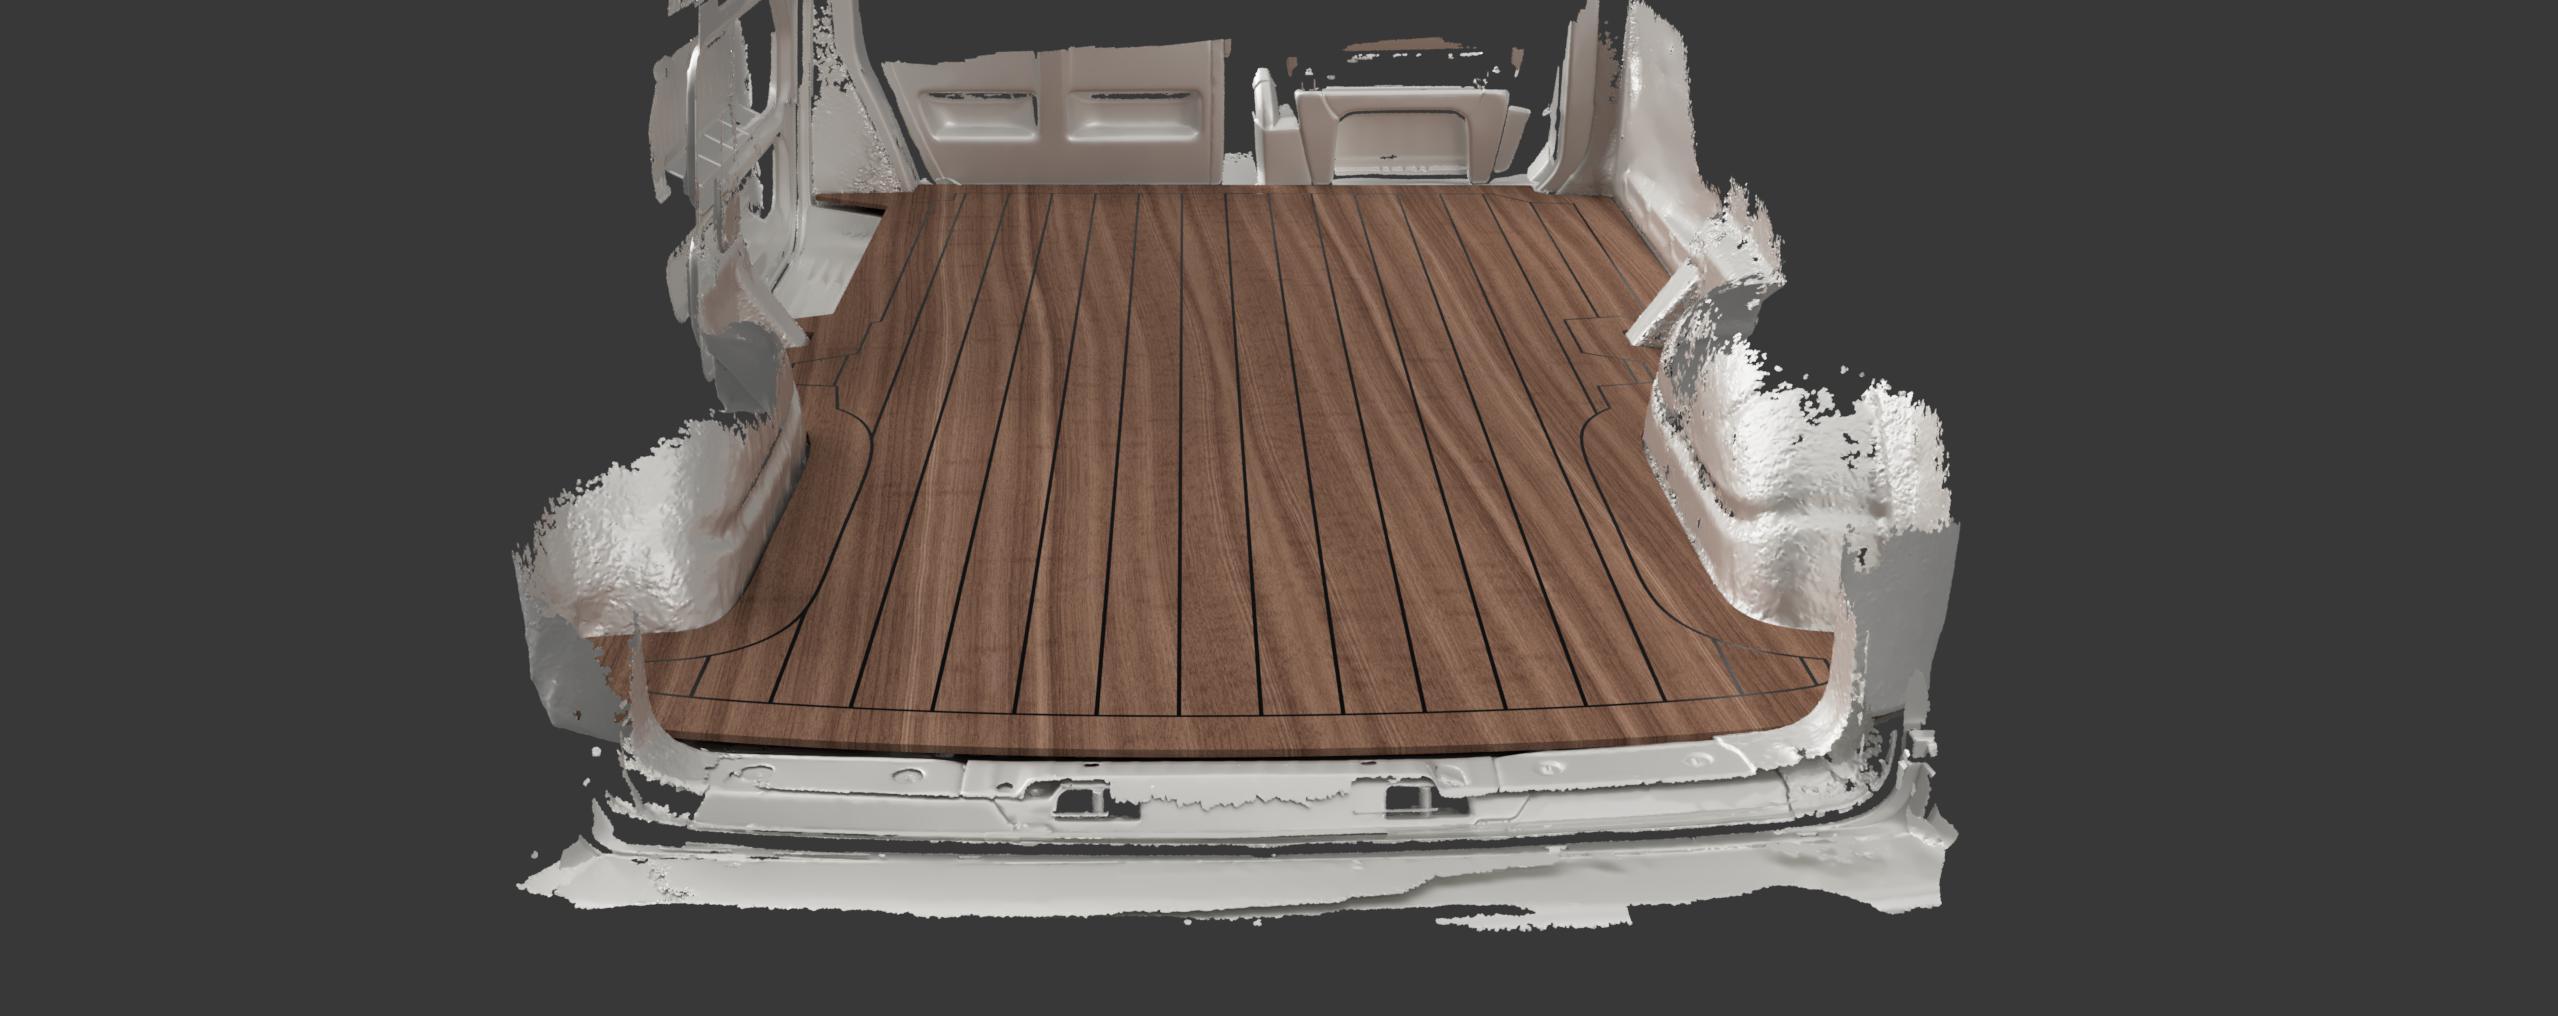 Volkswagen-Transporter-3D-scan-wooden-floor-plan-CNC-cut-van-floor